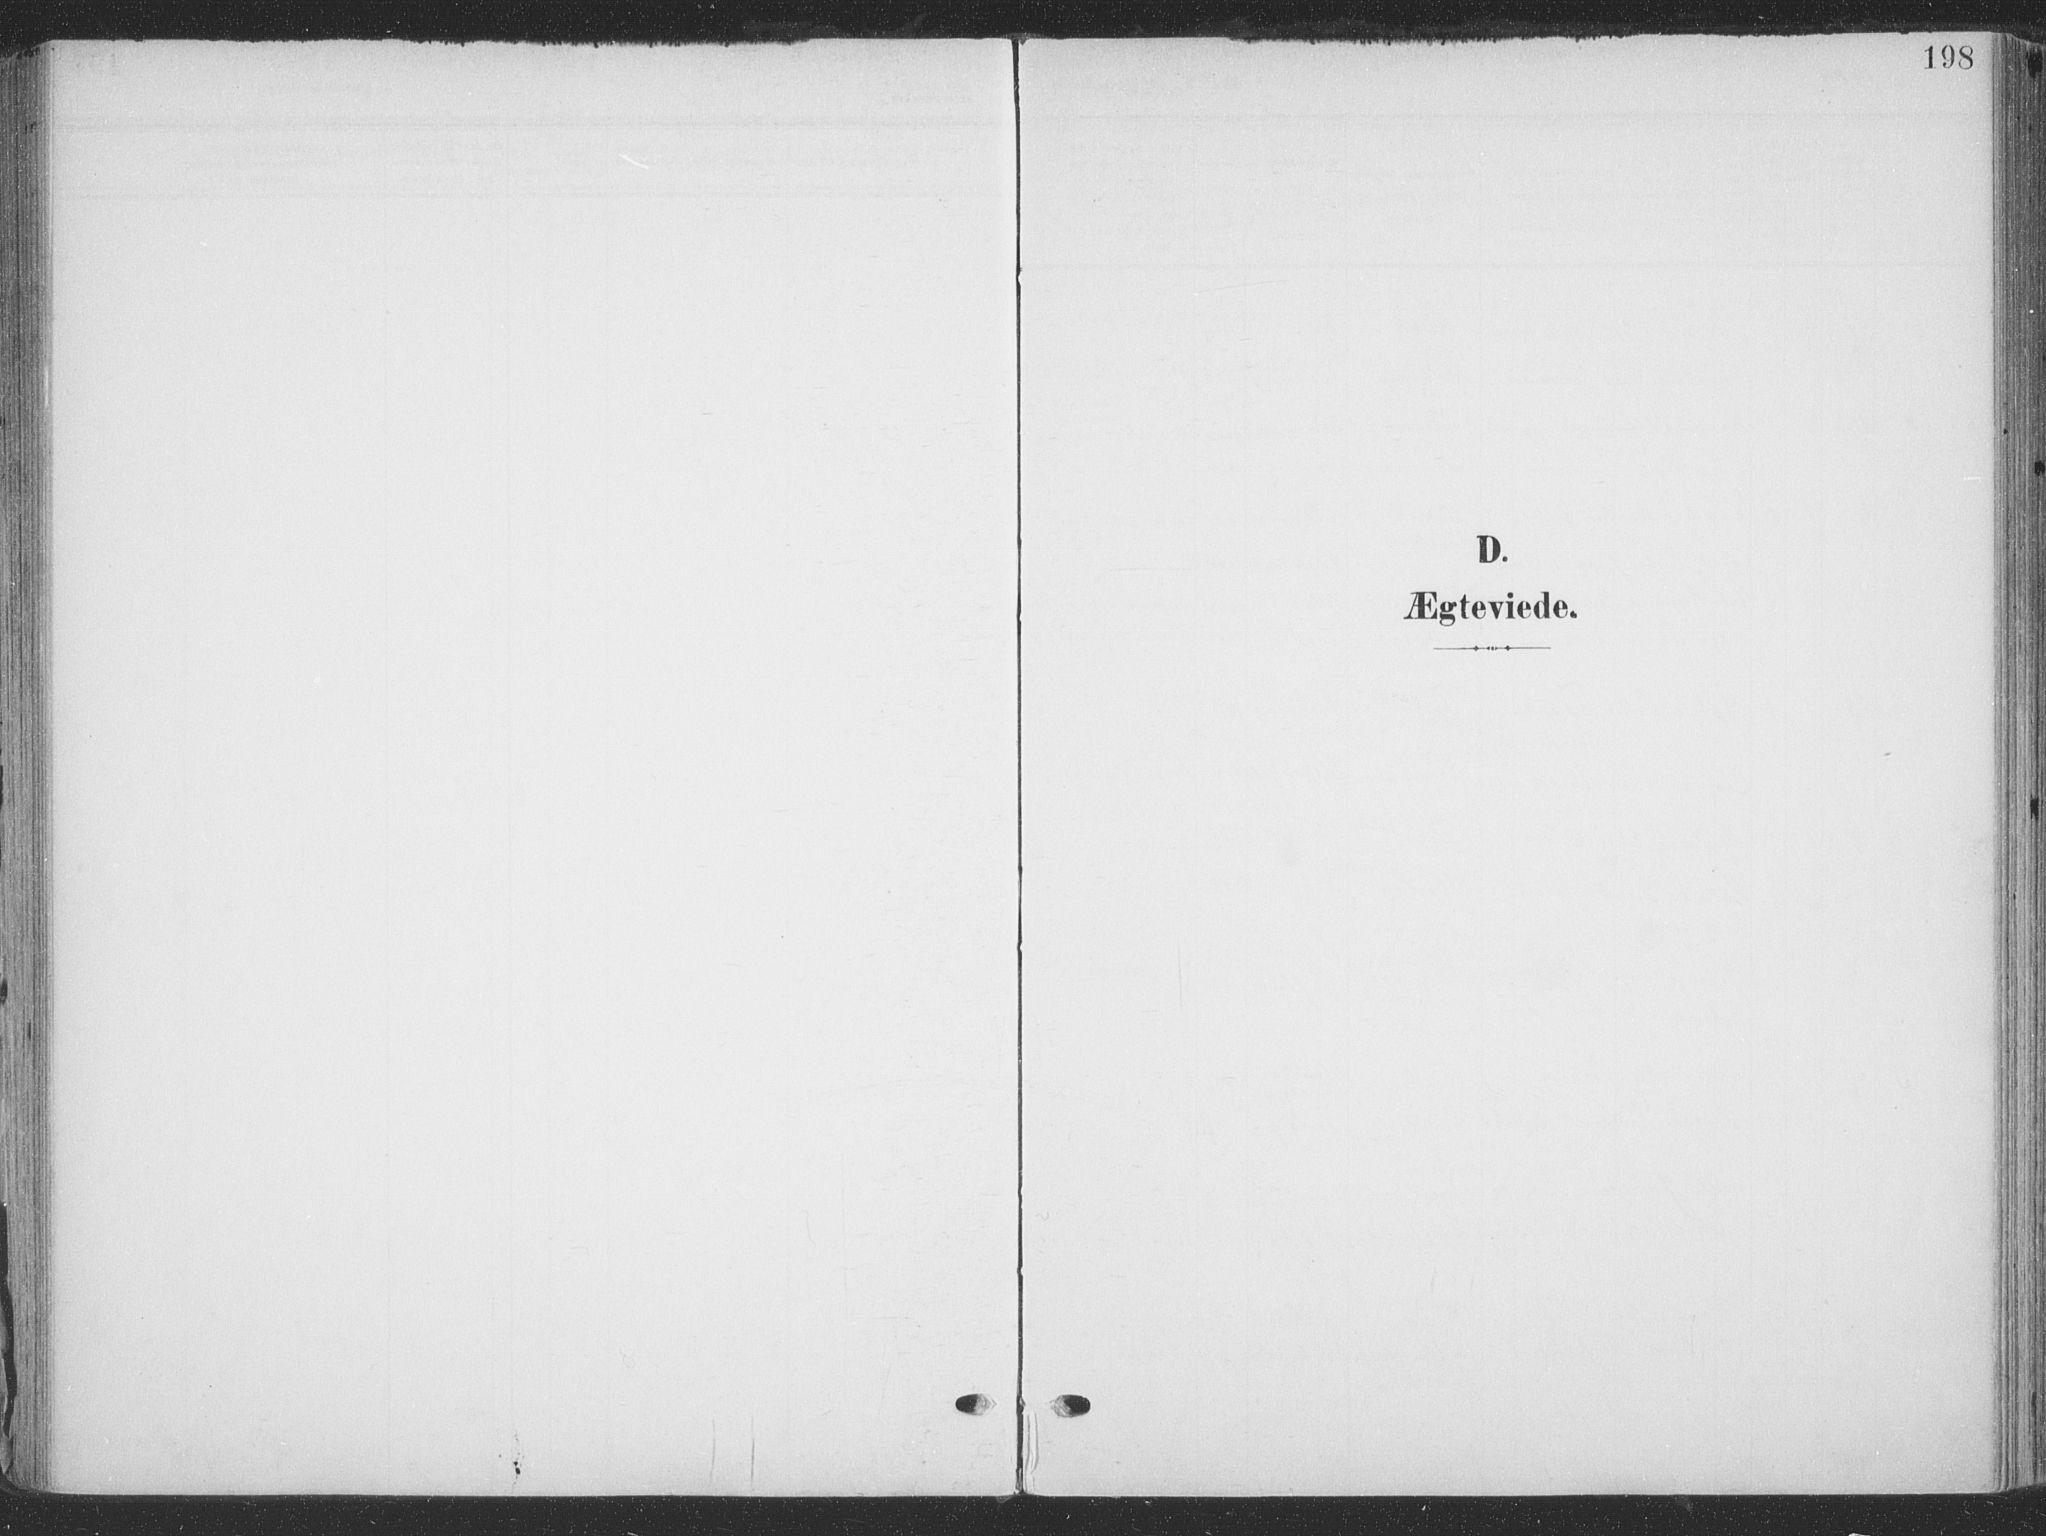 SATØ, Tana sokneprestkontor, H/Ha/L0007kirke: Ministerialbok nr. 7, 1904-1918, s. 198